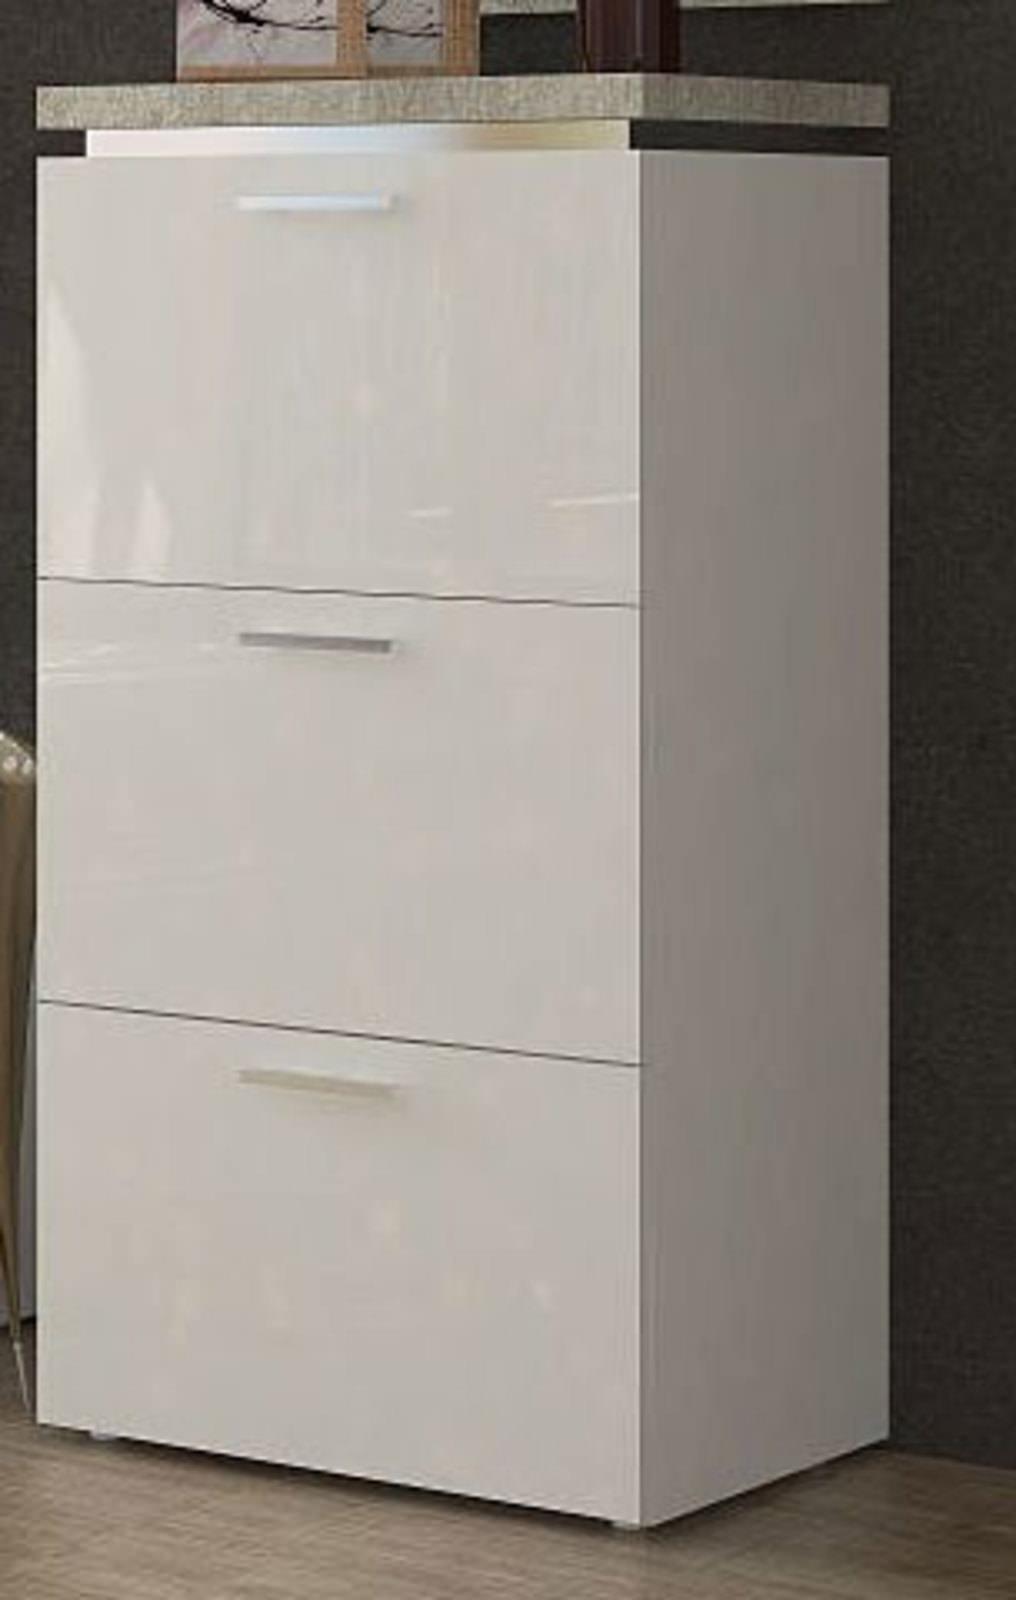 Schuhschrank online entdecken | Knuffmann - Ihr Möbelhaus